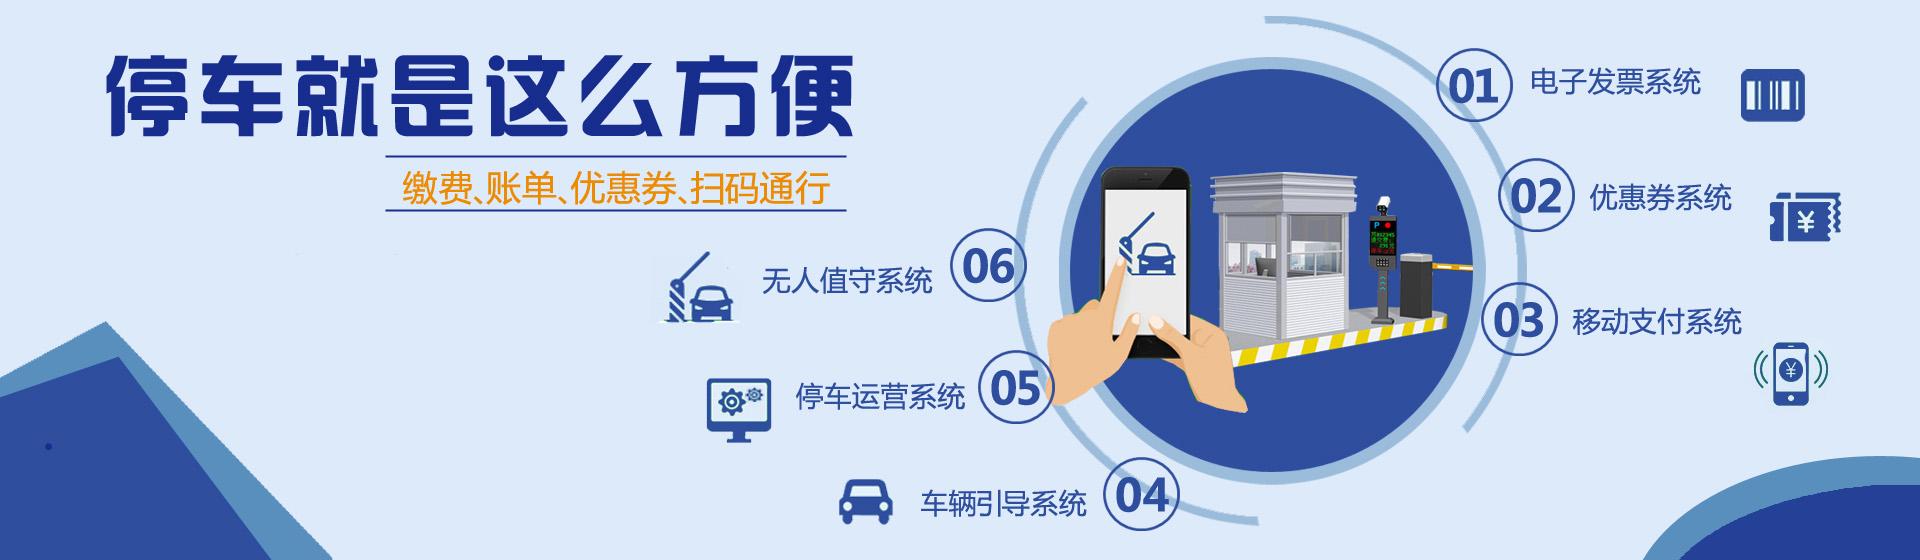 西安百成电子科技有限公司